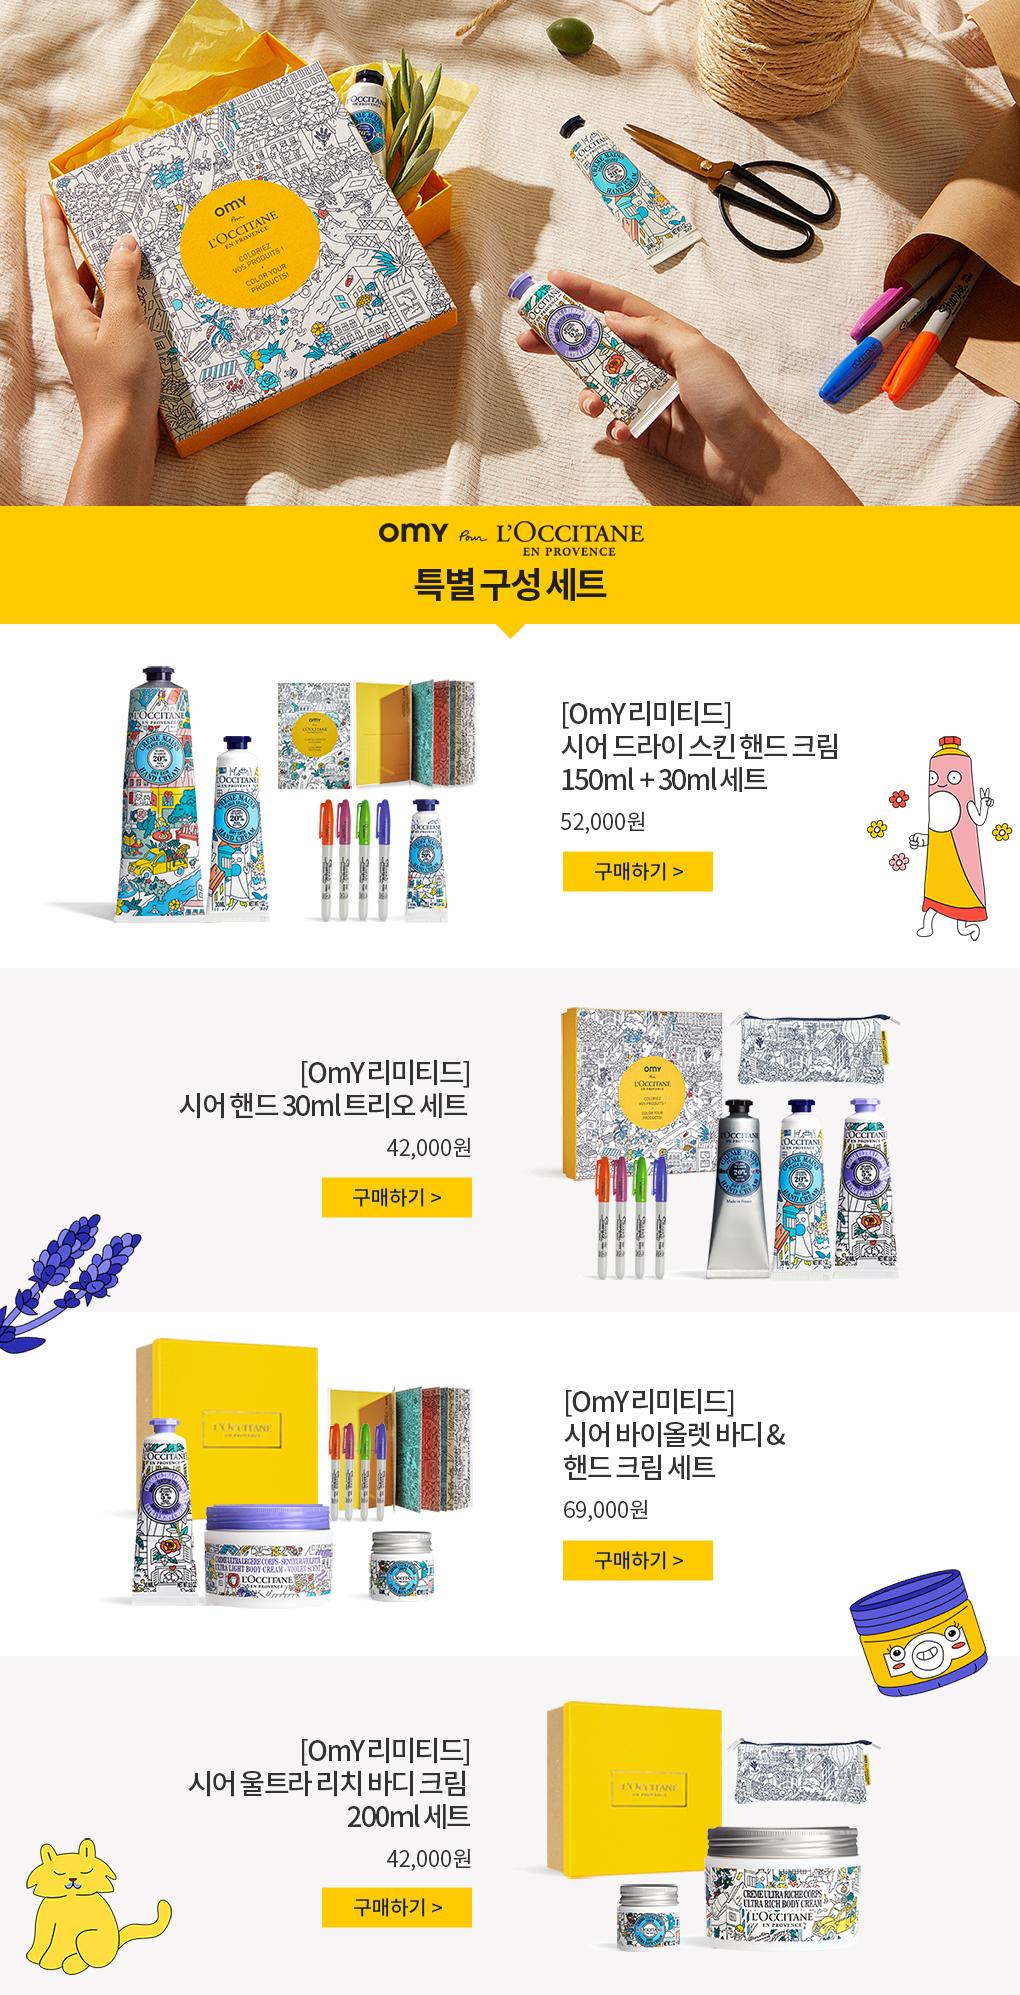 록시땅 OmY 시어 컬렉션 특별 구성 세트